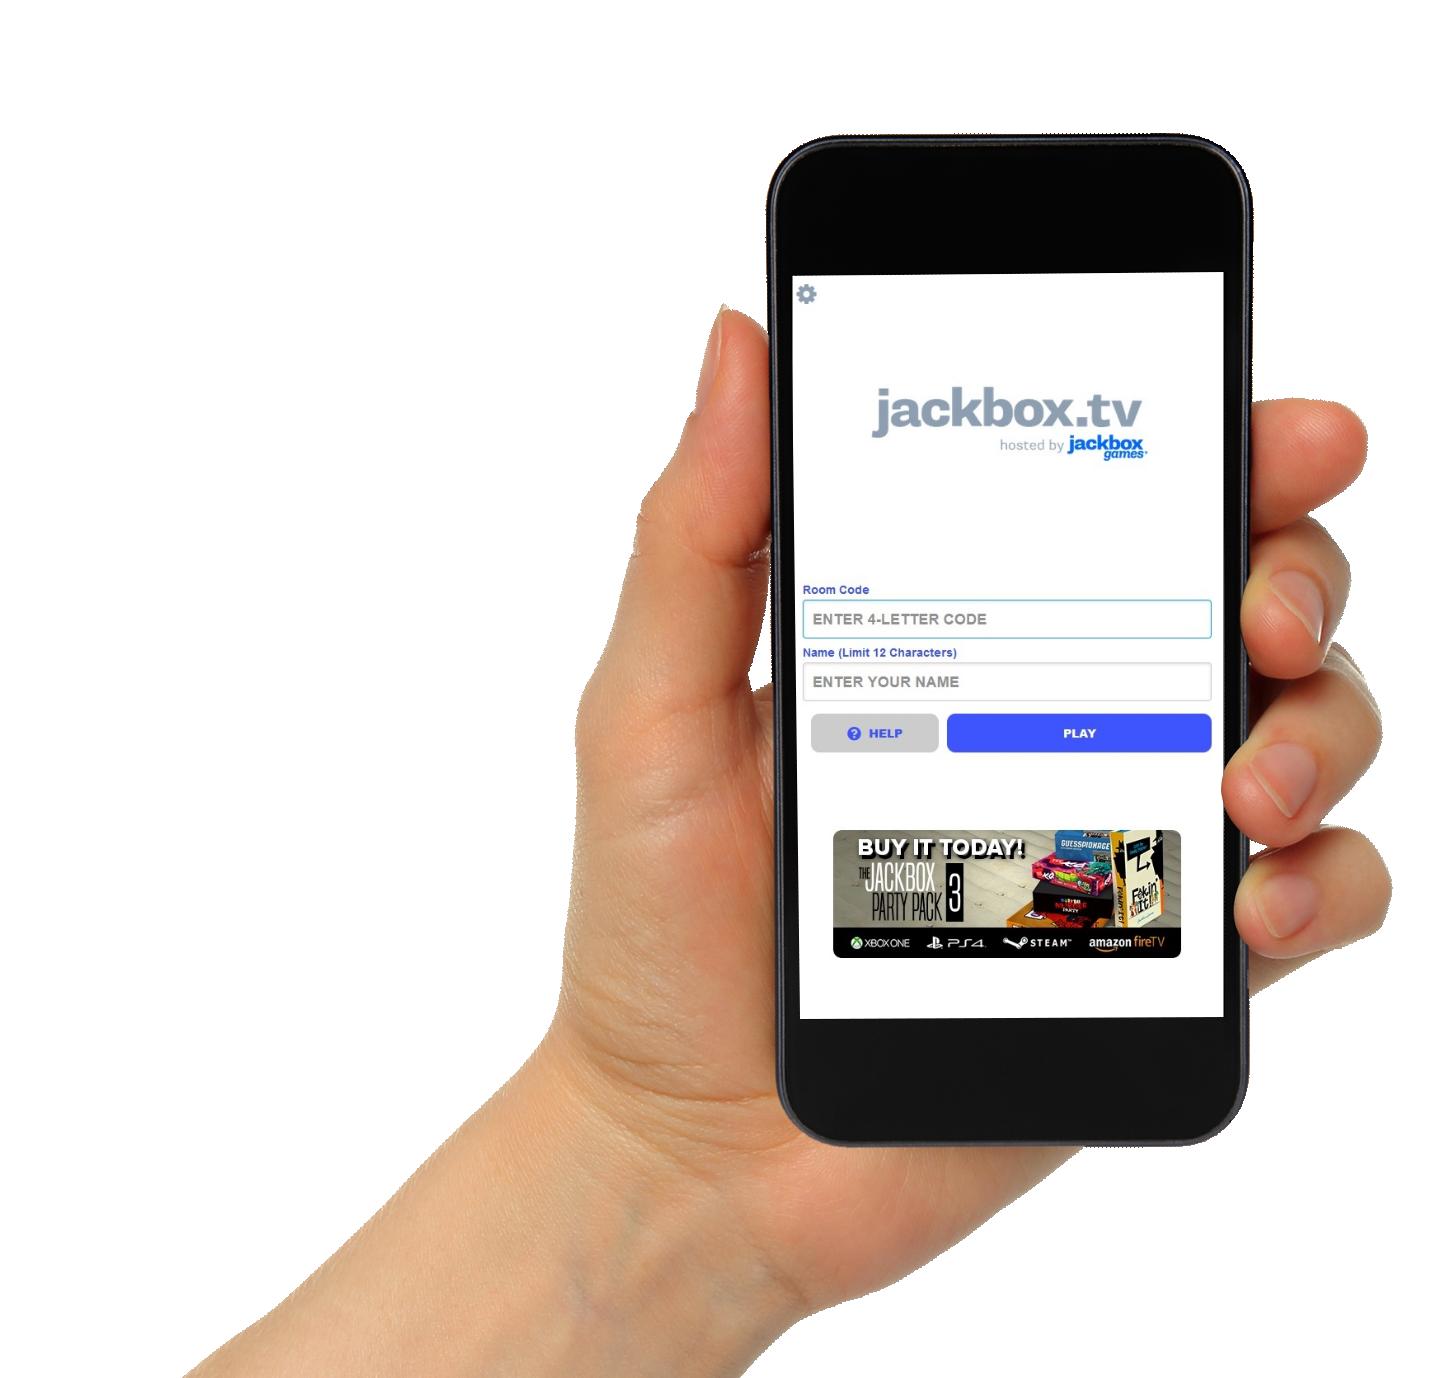 How to Play Jackbox Games | Jackbox Games